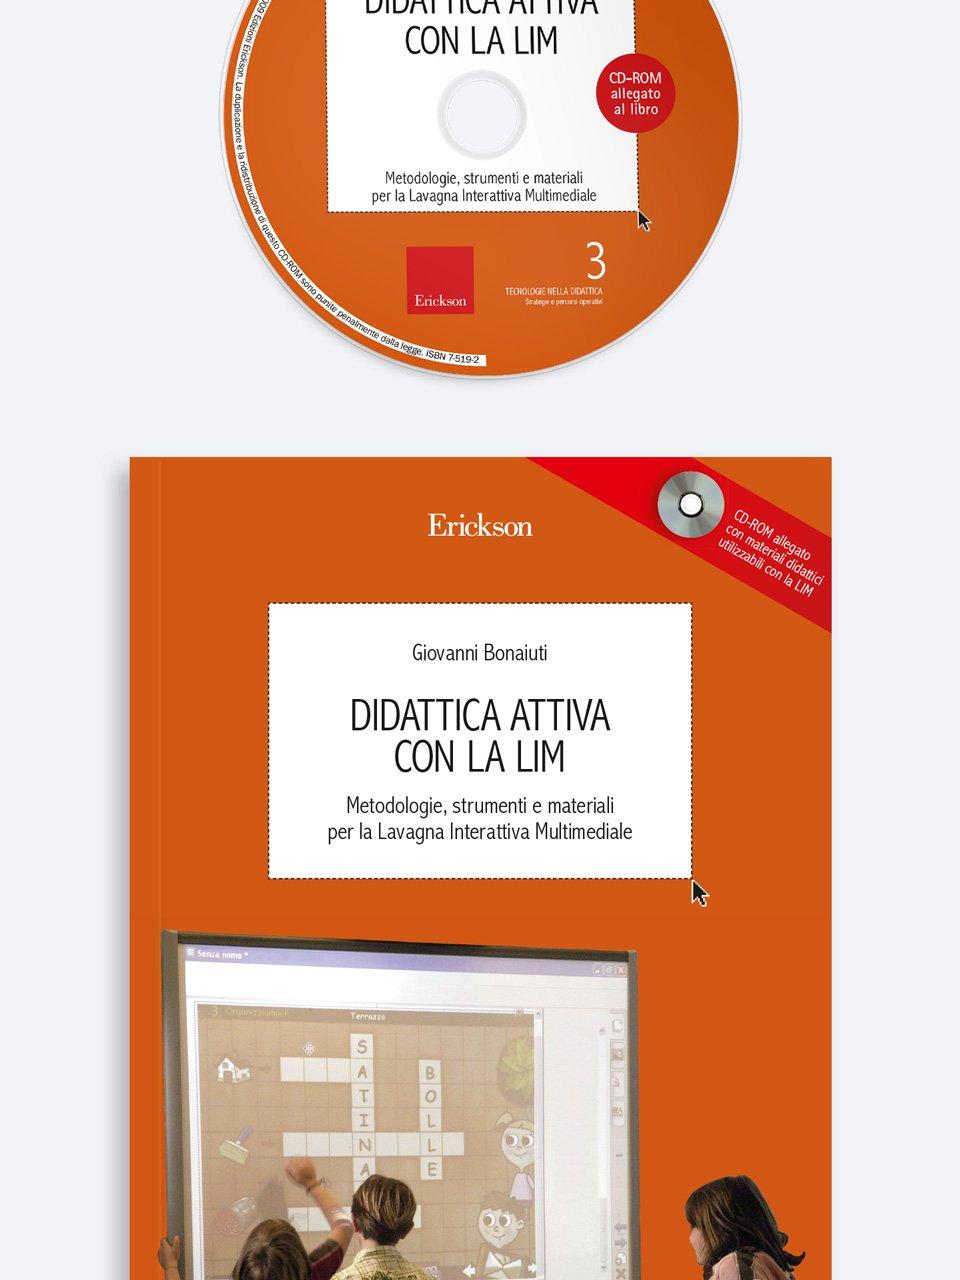 Didattica attiva con la LIM - Teacher Education Agenda - Libri - Erickson